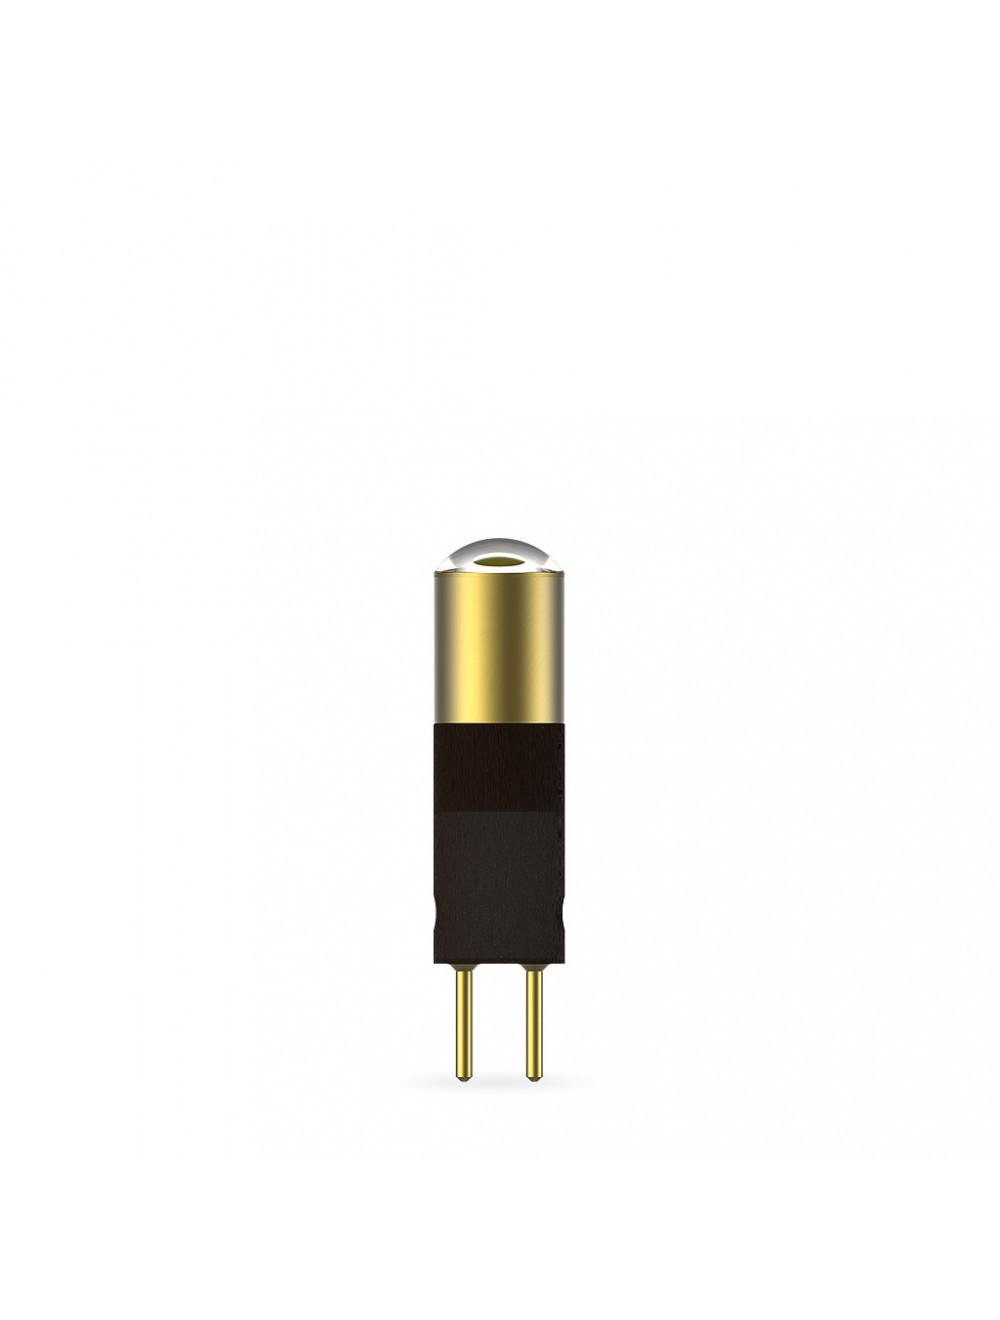 Das Produkt MK-dent LED Lampe BU8012BAK aus dem Global-dent online shop.